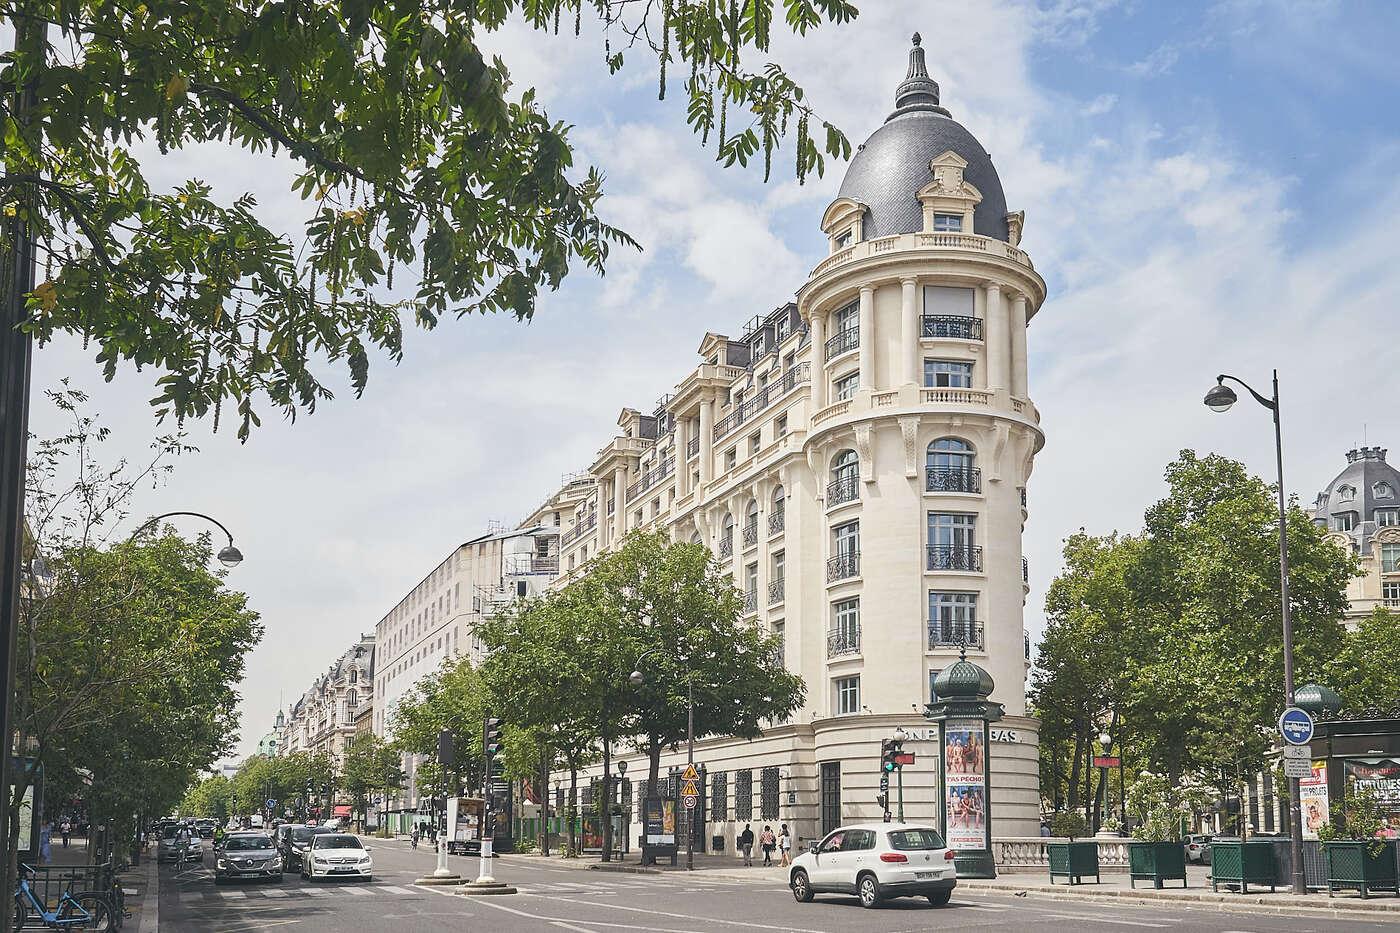 Boulevard des Italiens, Paris